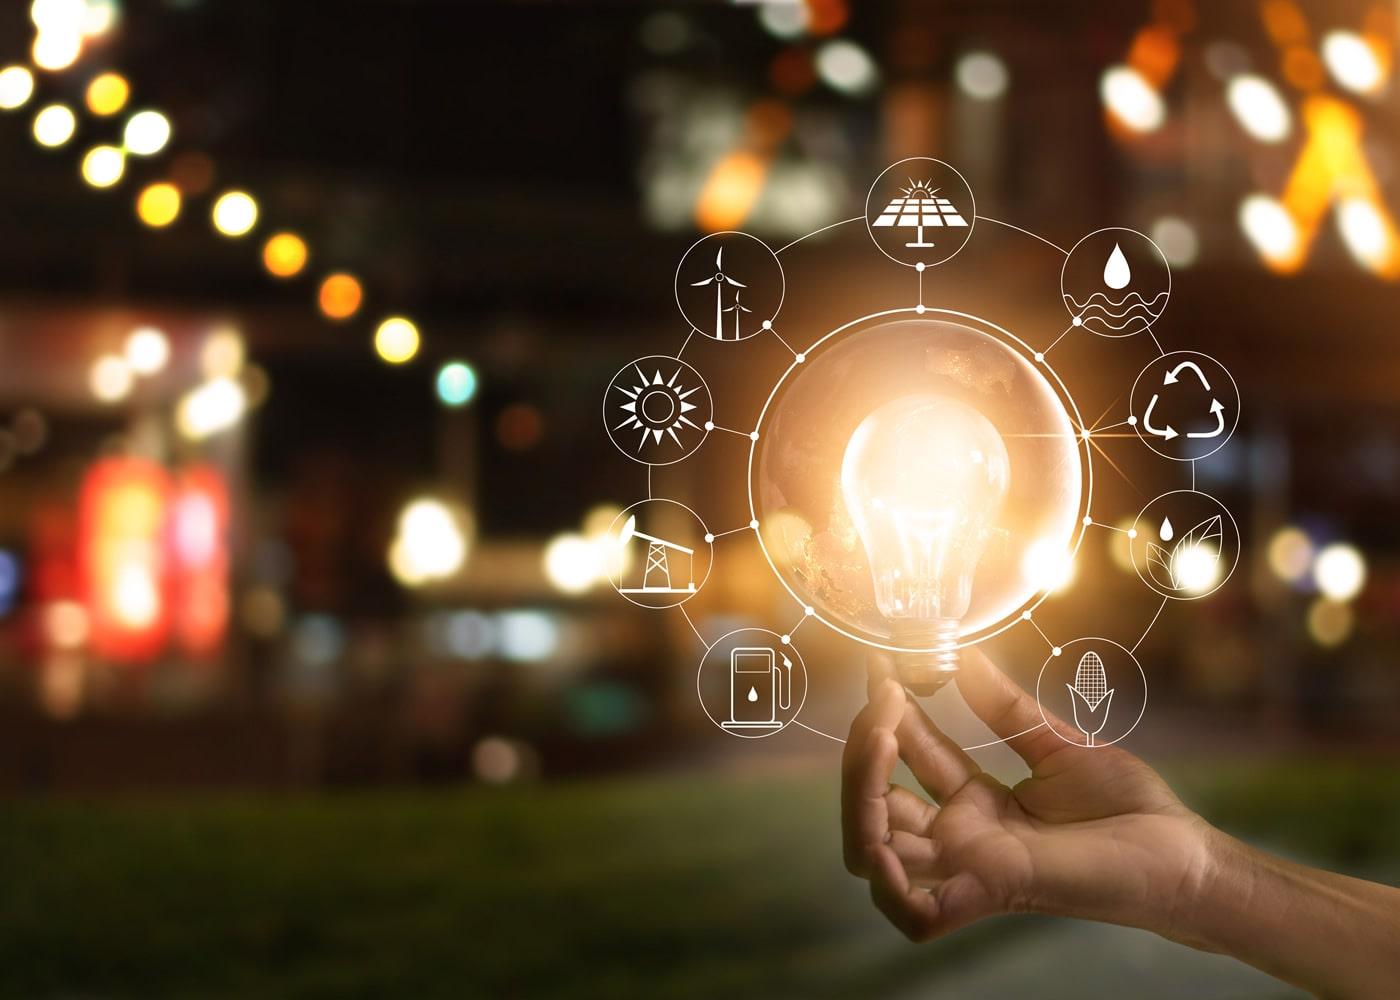 naem-2018-blog-hand-holding-light-bulb-front-global-700x500